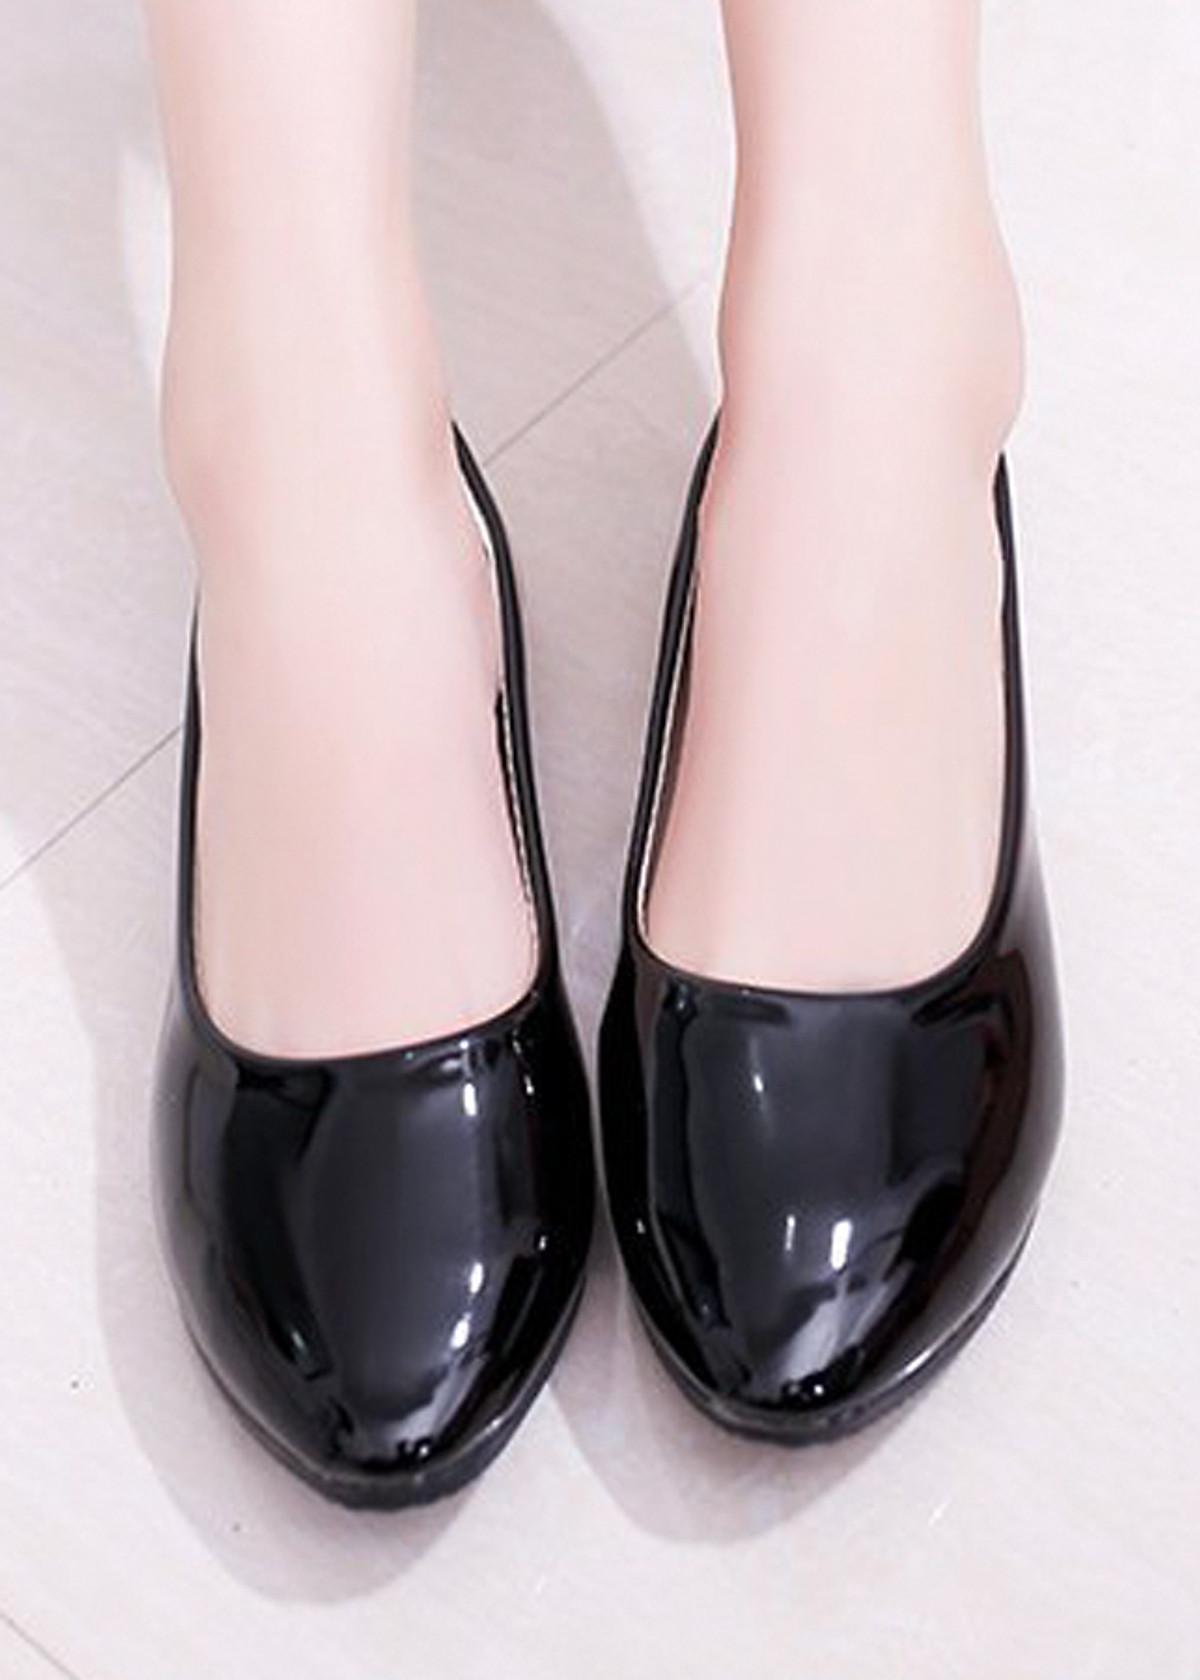 Giày búp bê da bóng mềm không đau chân , dáng chuẩn 96309 71